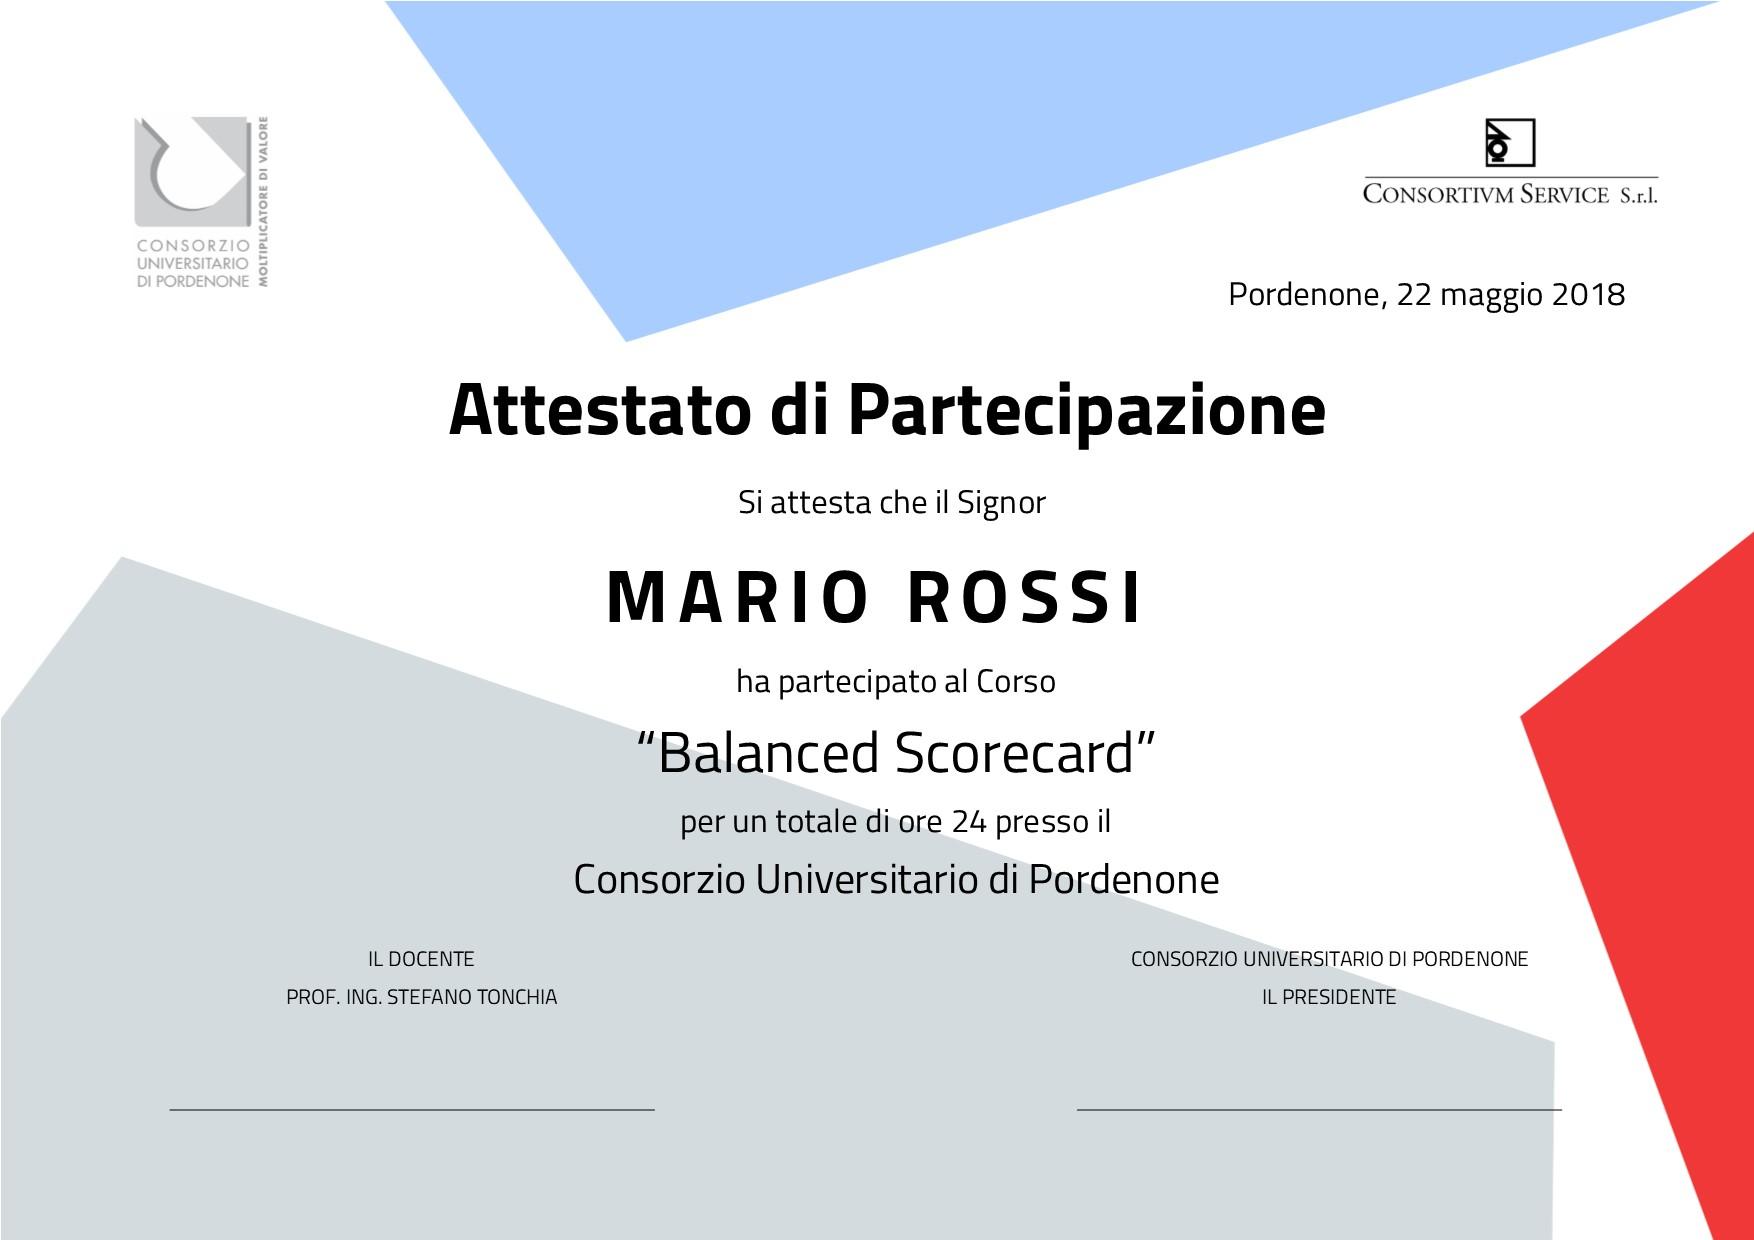 Corso Balanced Scorecard Consortium Service